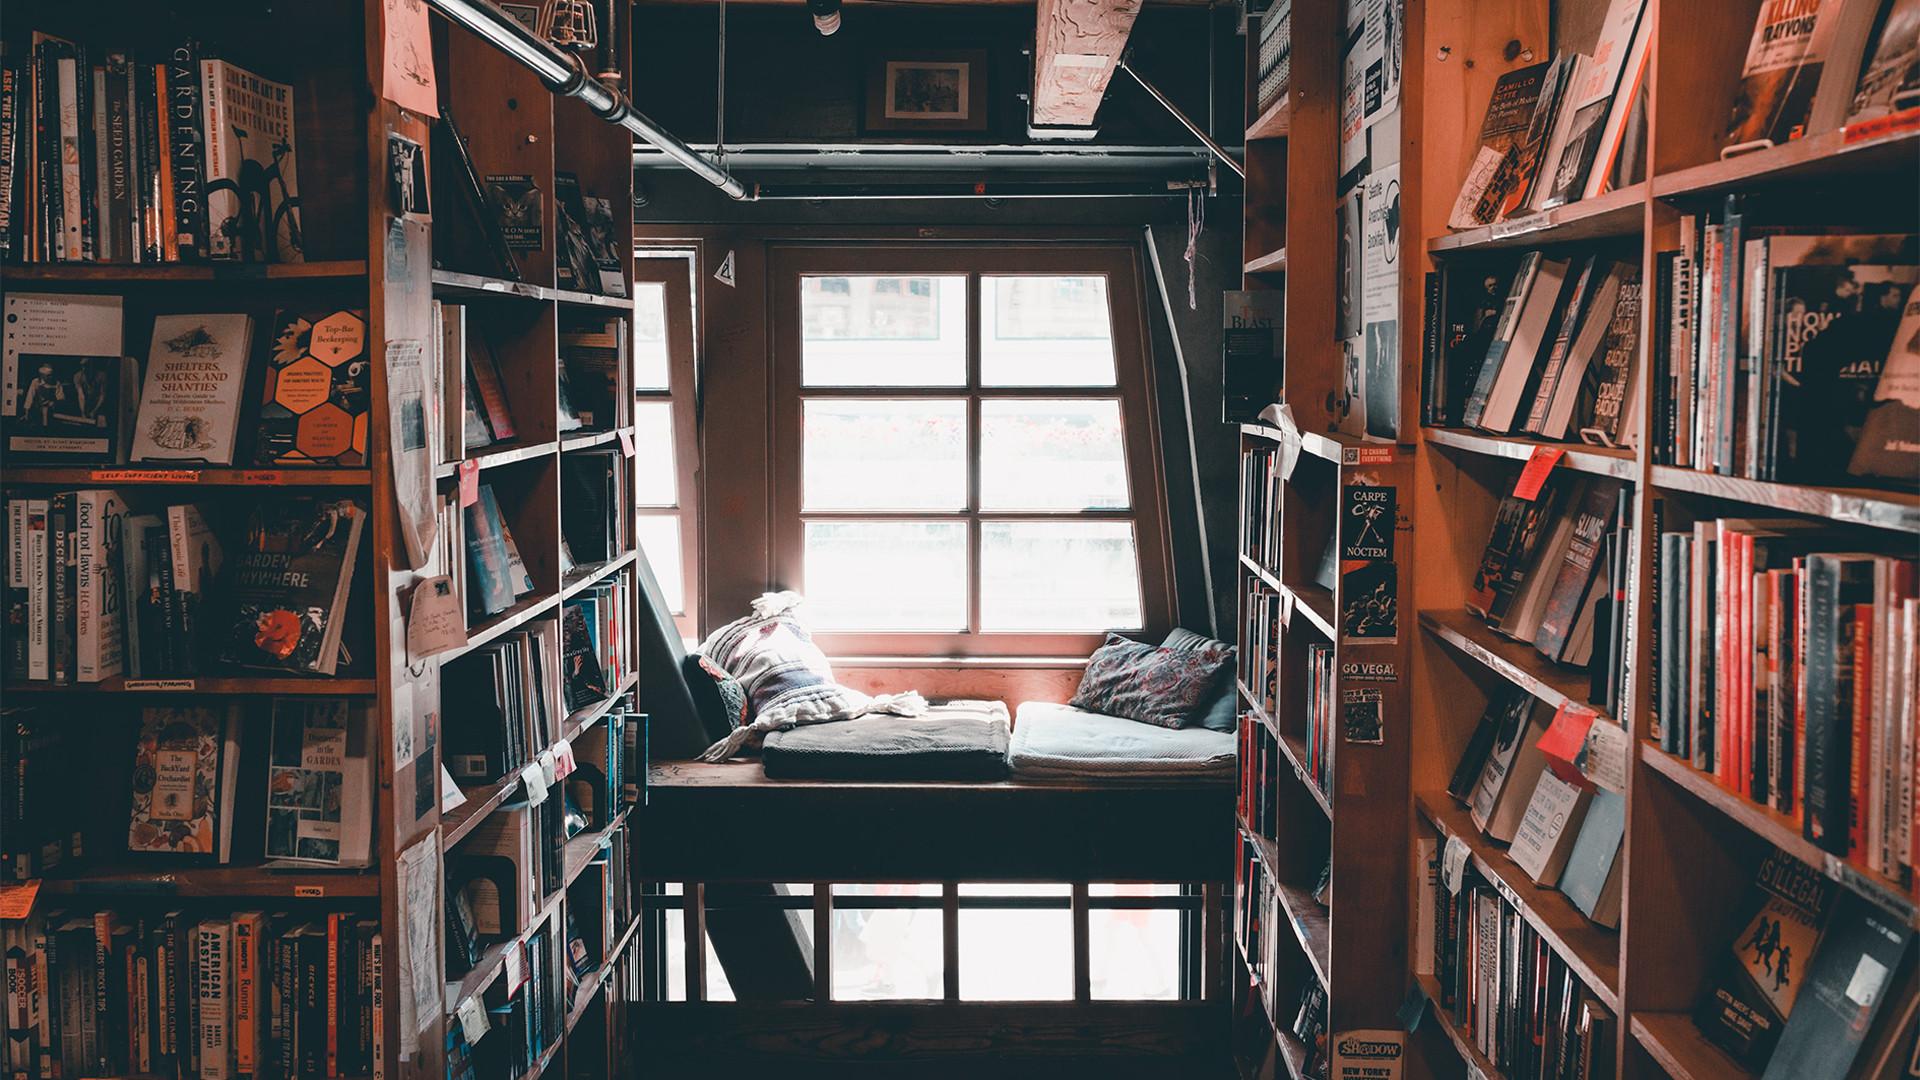 hygge bookshelf